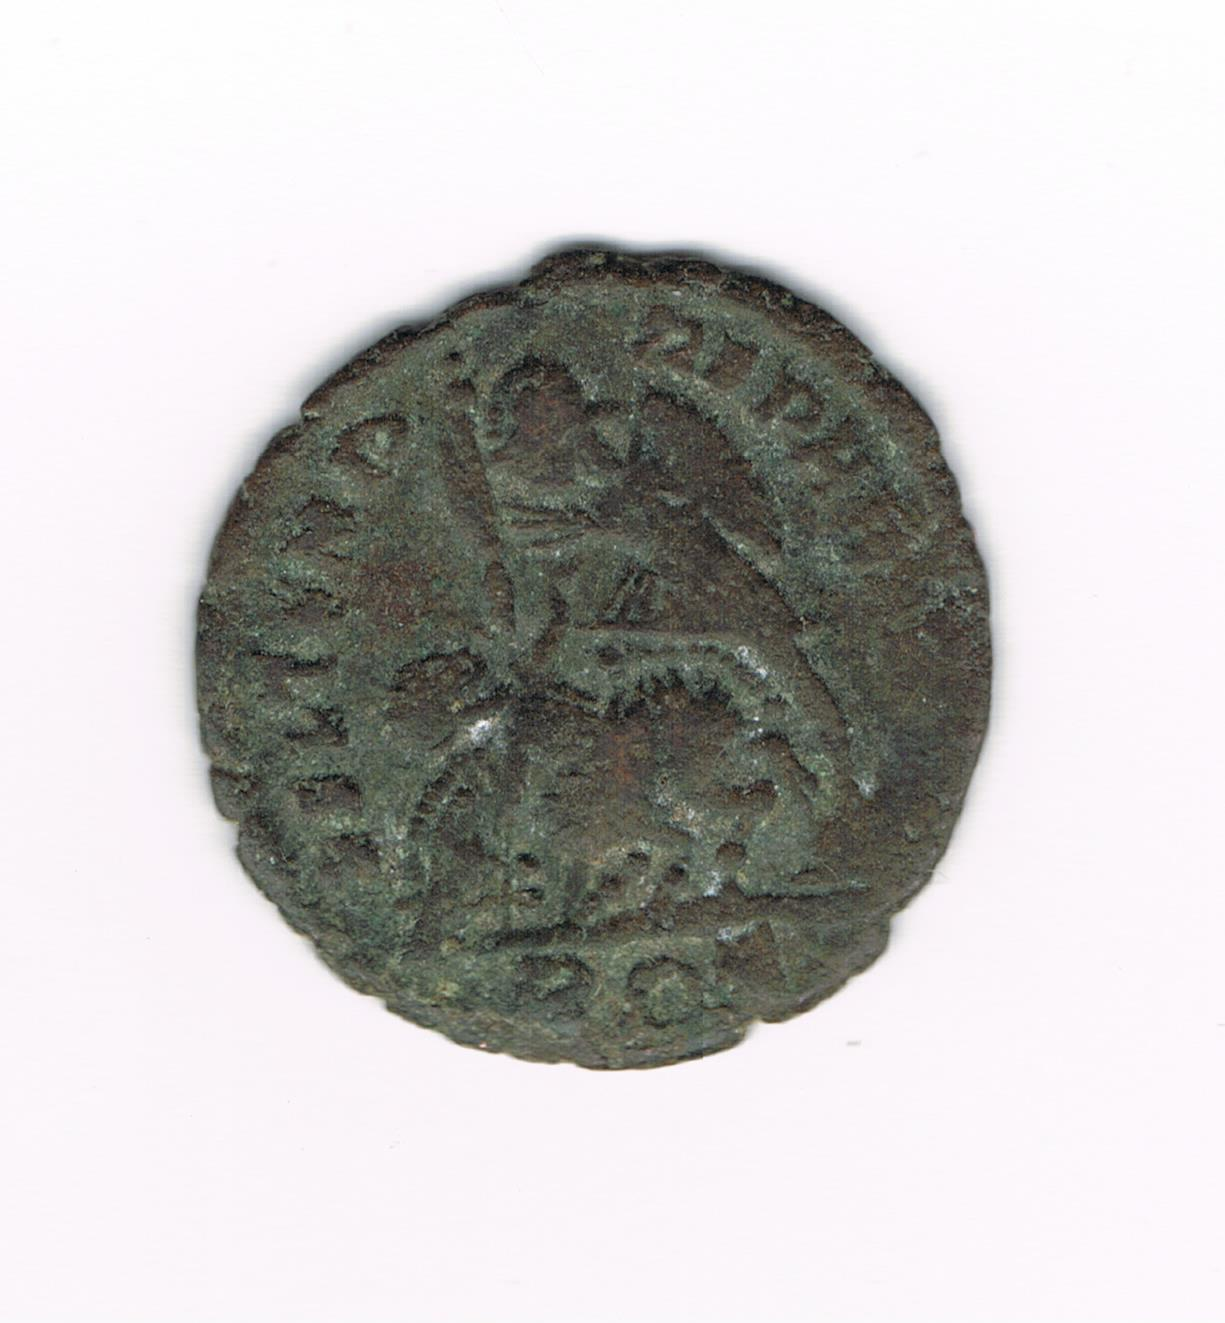 AE3 de Constancio II. FEL TEMP REPARATIO. Soldado romano alanceando a jinete caido. Ceca Roma. 586f65847bdc5